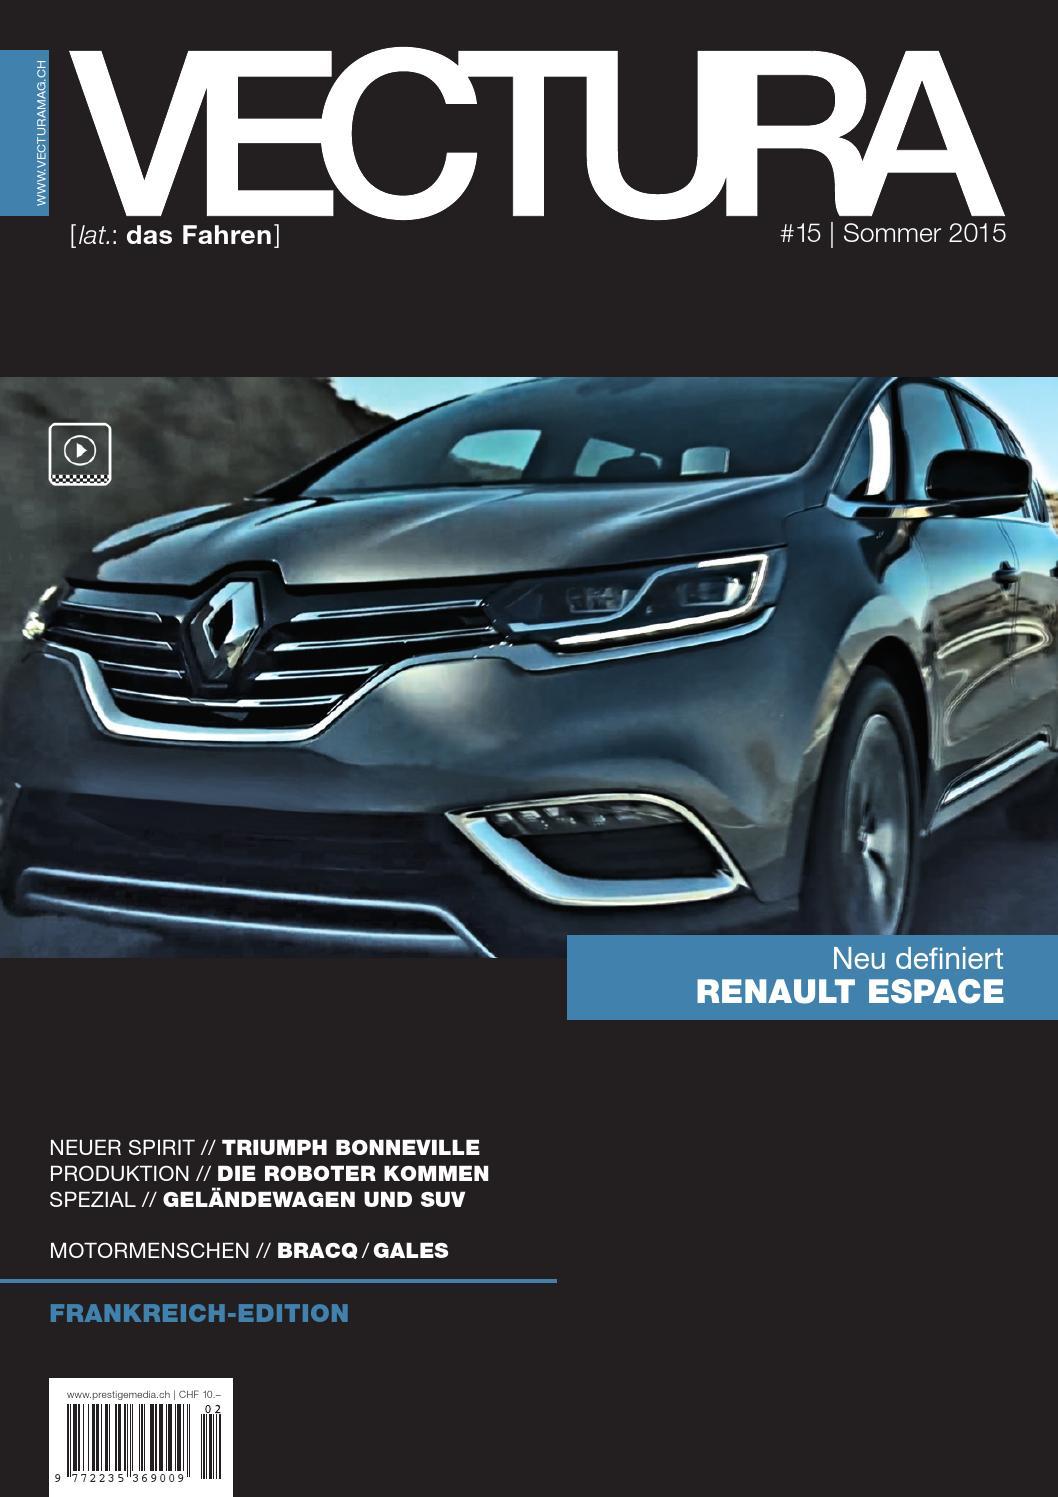 Profi Carbon Sitzheizung Heiz Auflage Matte Nachrüsten 5 stufig z.B Renault 17